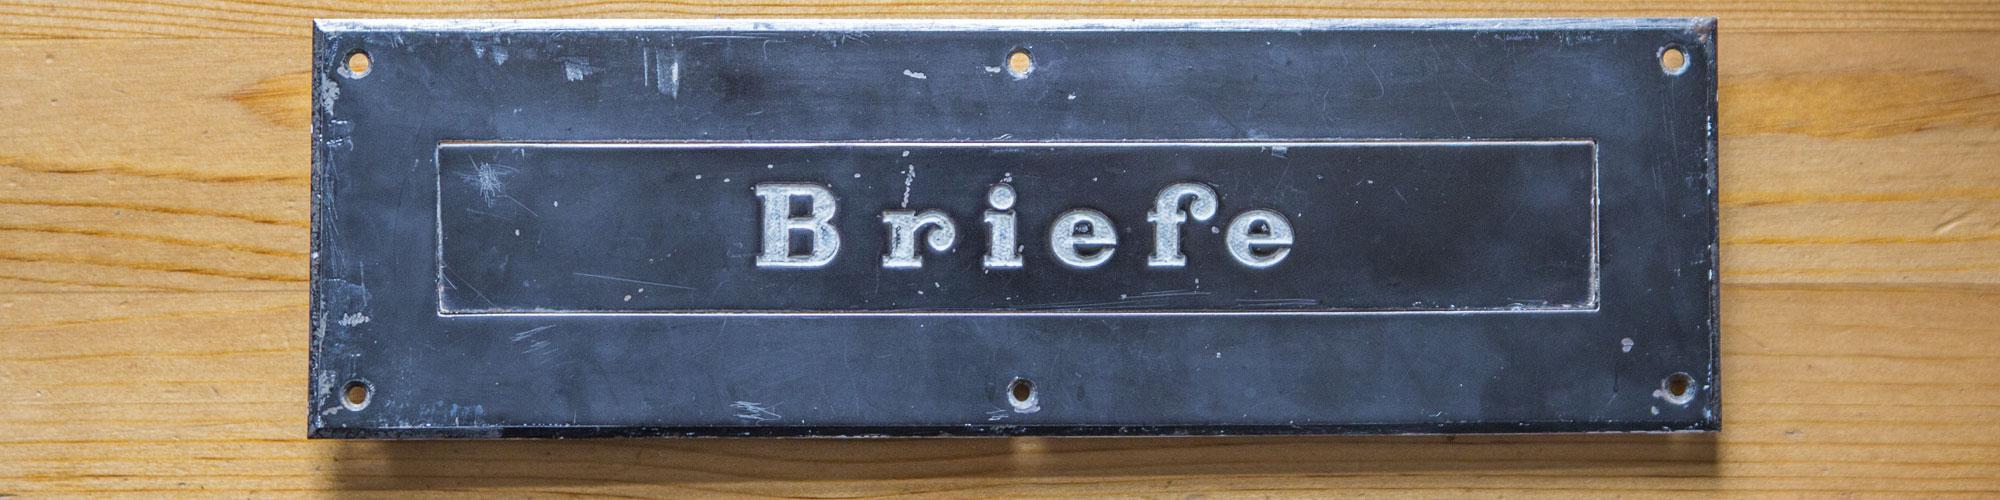 Alter Briefschlitz schwarz, auf der Klappe steht das Wort Briefe